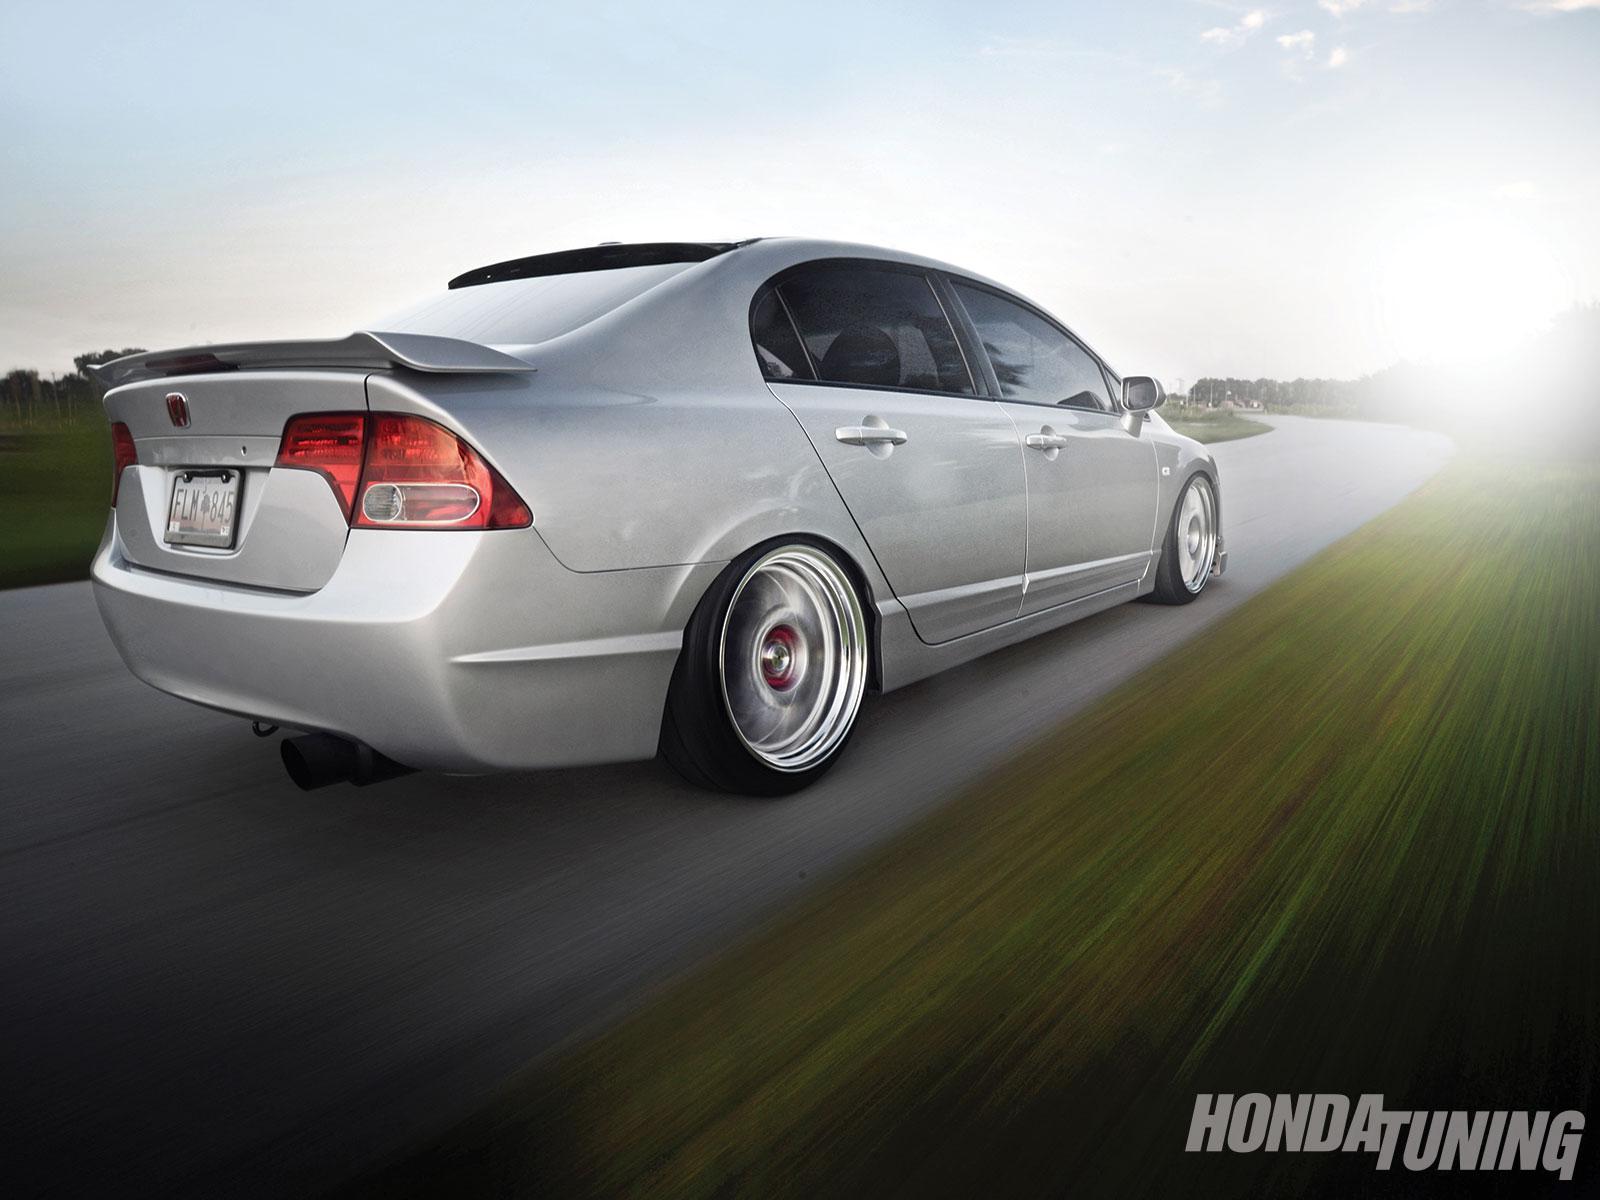 2007 Honda Civic Si Sedan Honda Tuning Magazine